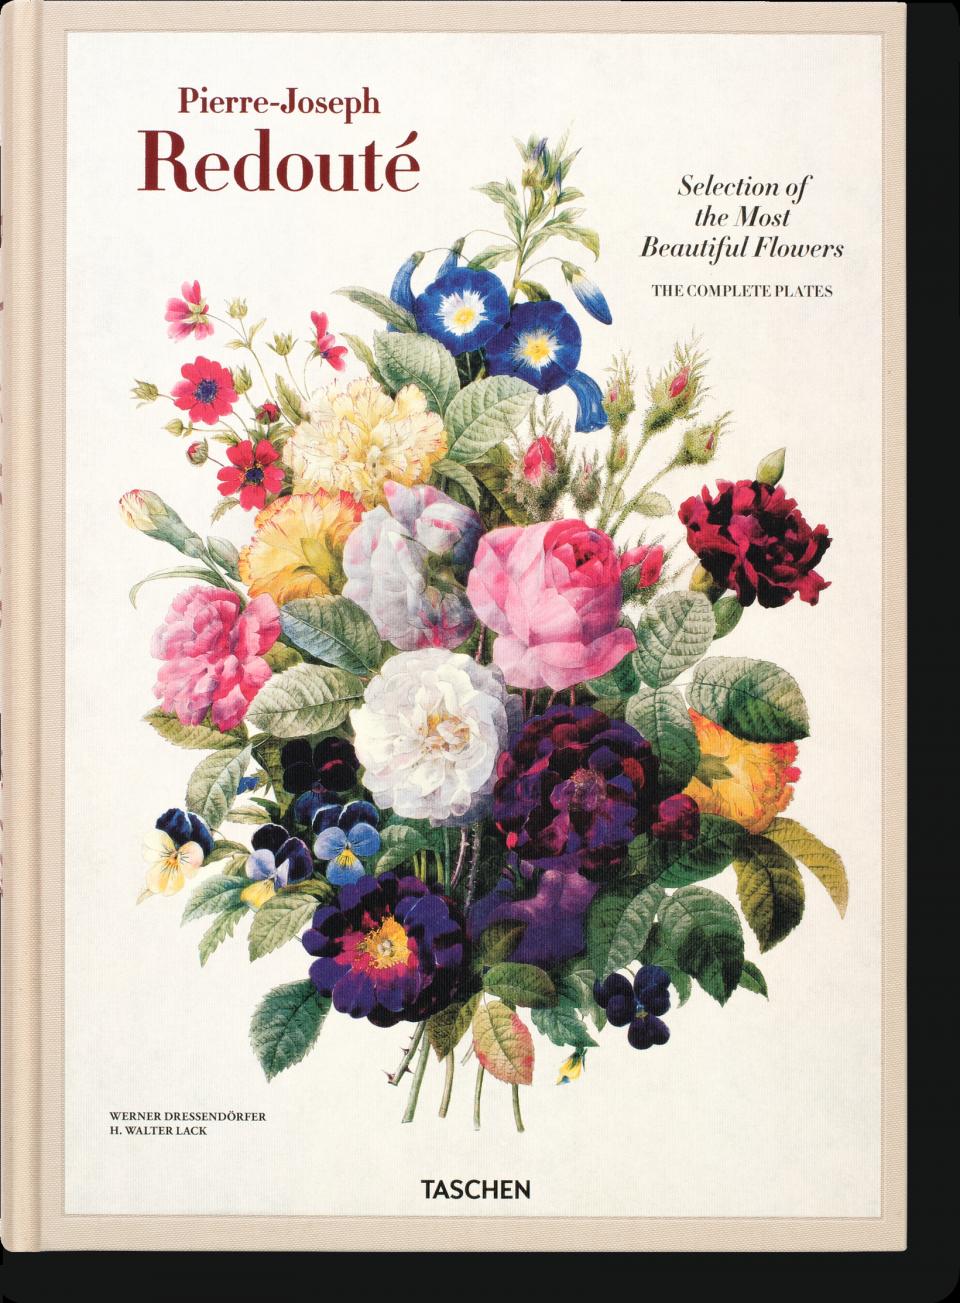 uté: Most beautiful Flowers. Foto: Taschen Verlag